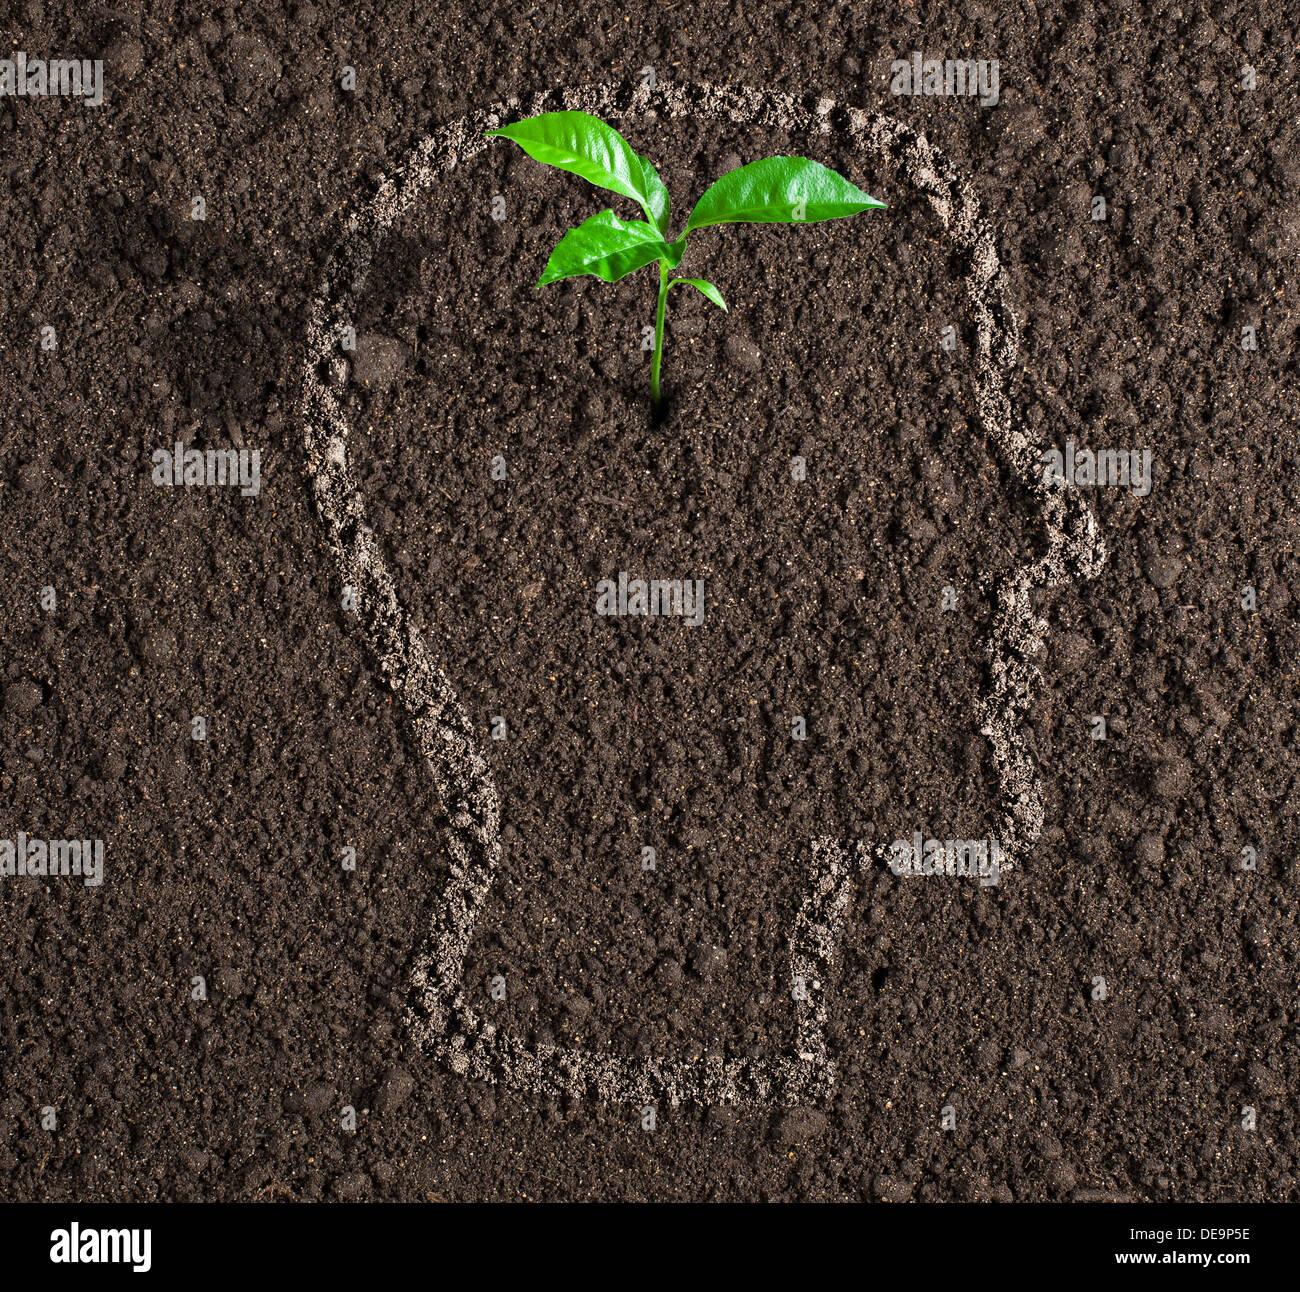 Crecimiento del joven idea dentro del contorno de la cabeza humana en concepto de suelo Imagen De Stock